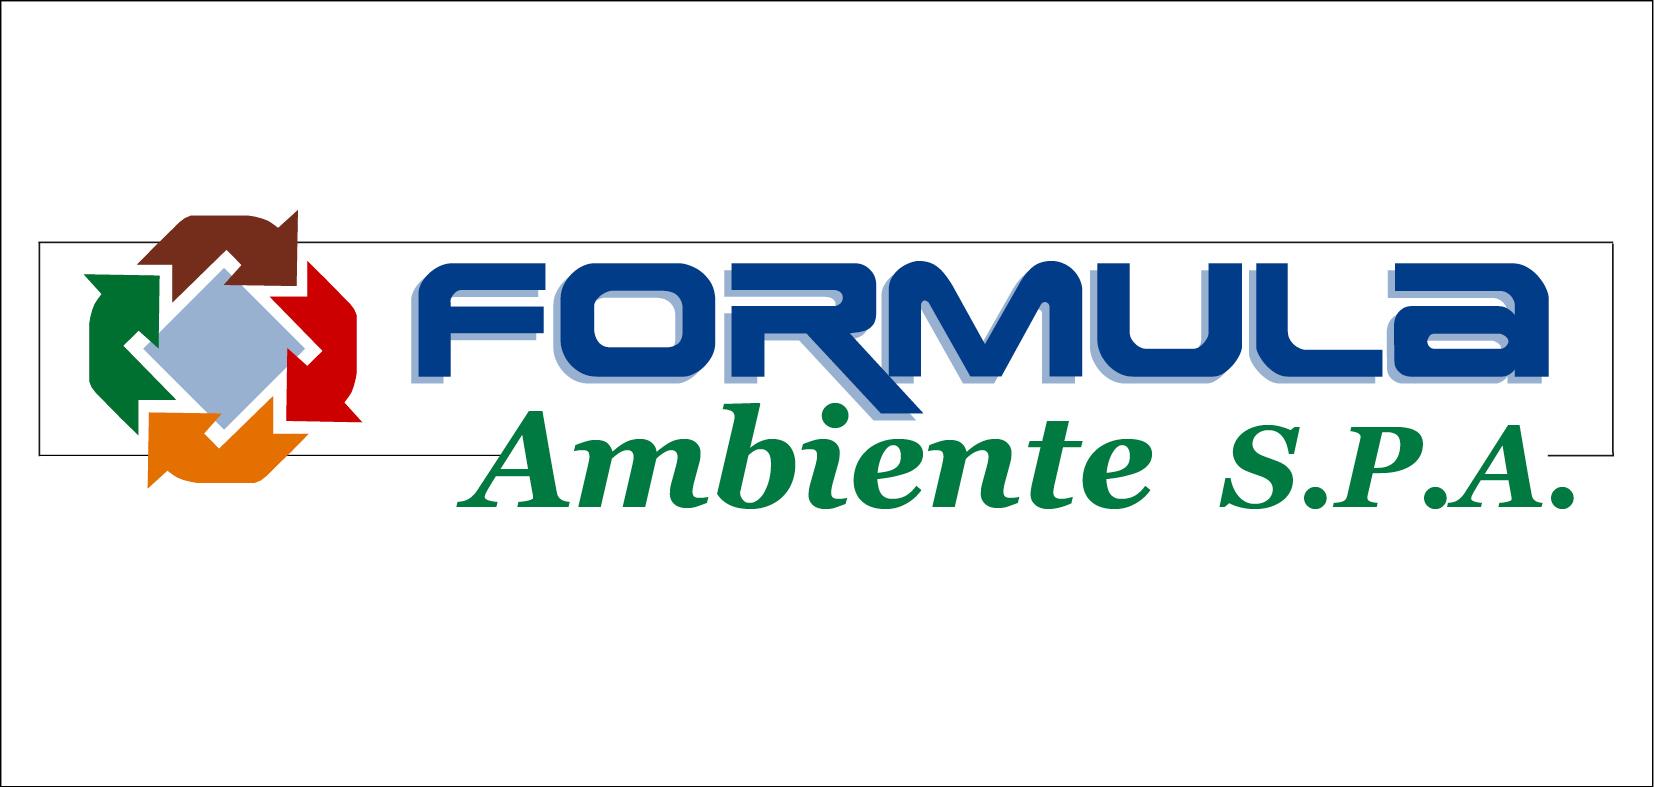 FORMULA AMBIENTE